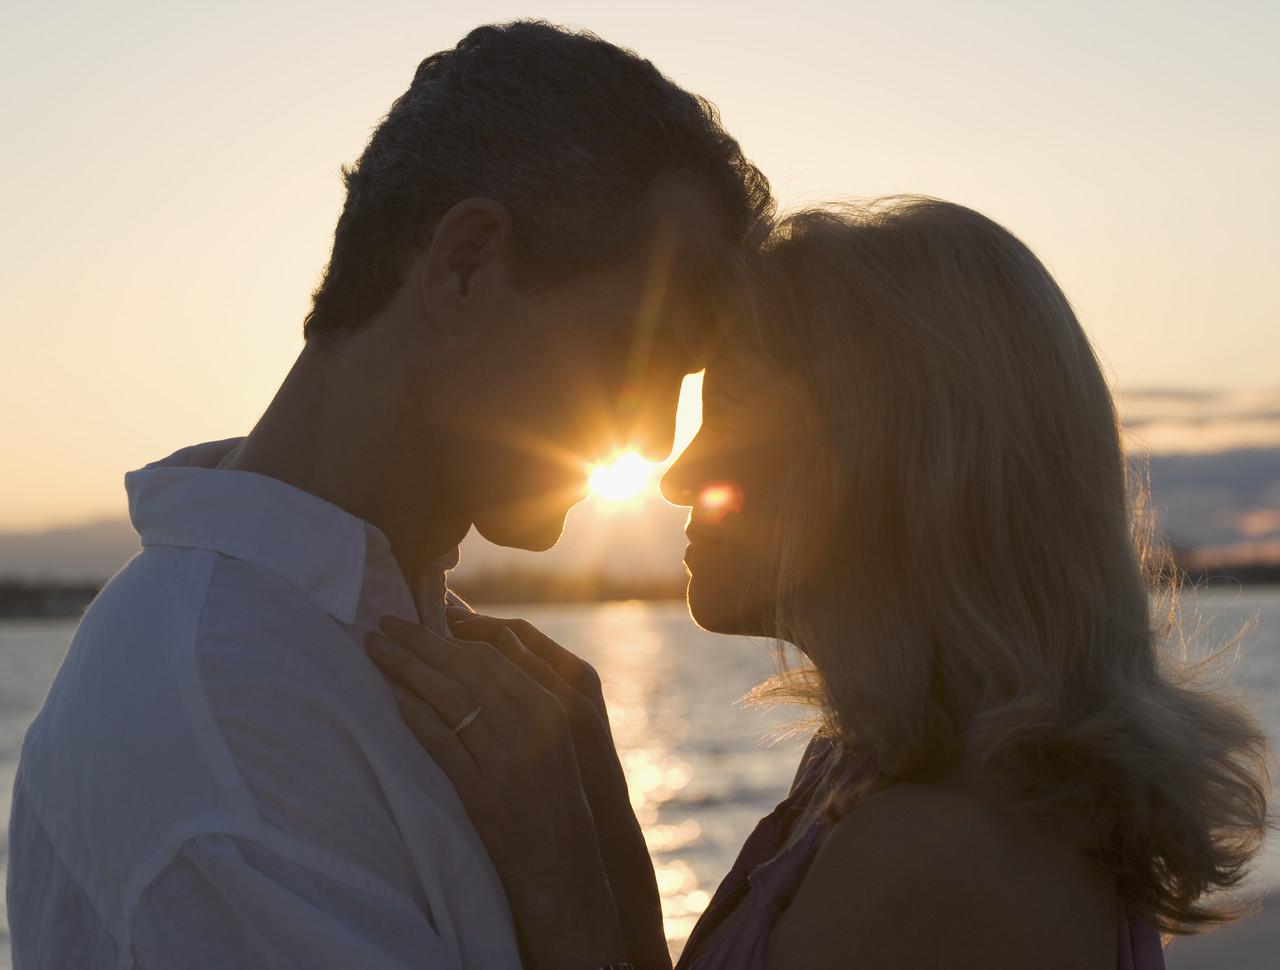 長続きの秘訣☆長続きカップルが絶対にしない5つのこと